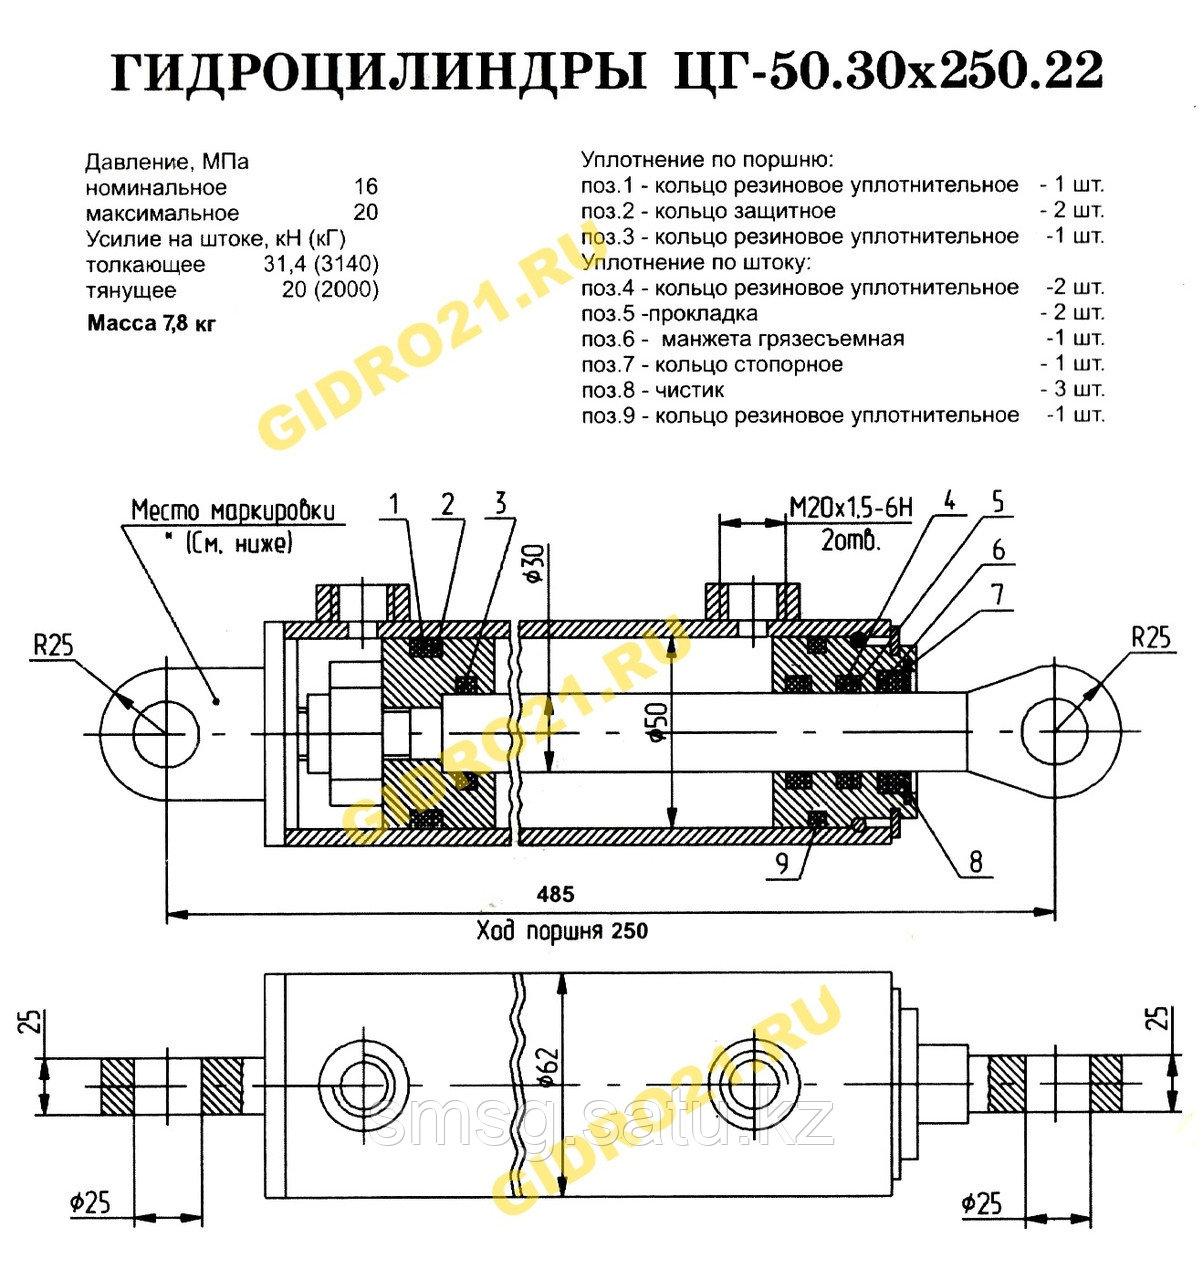 Гидроцилиндр ЦГ-50.30х250.22